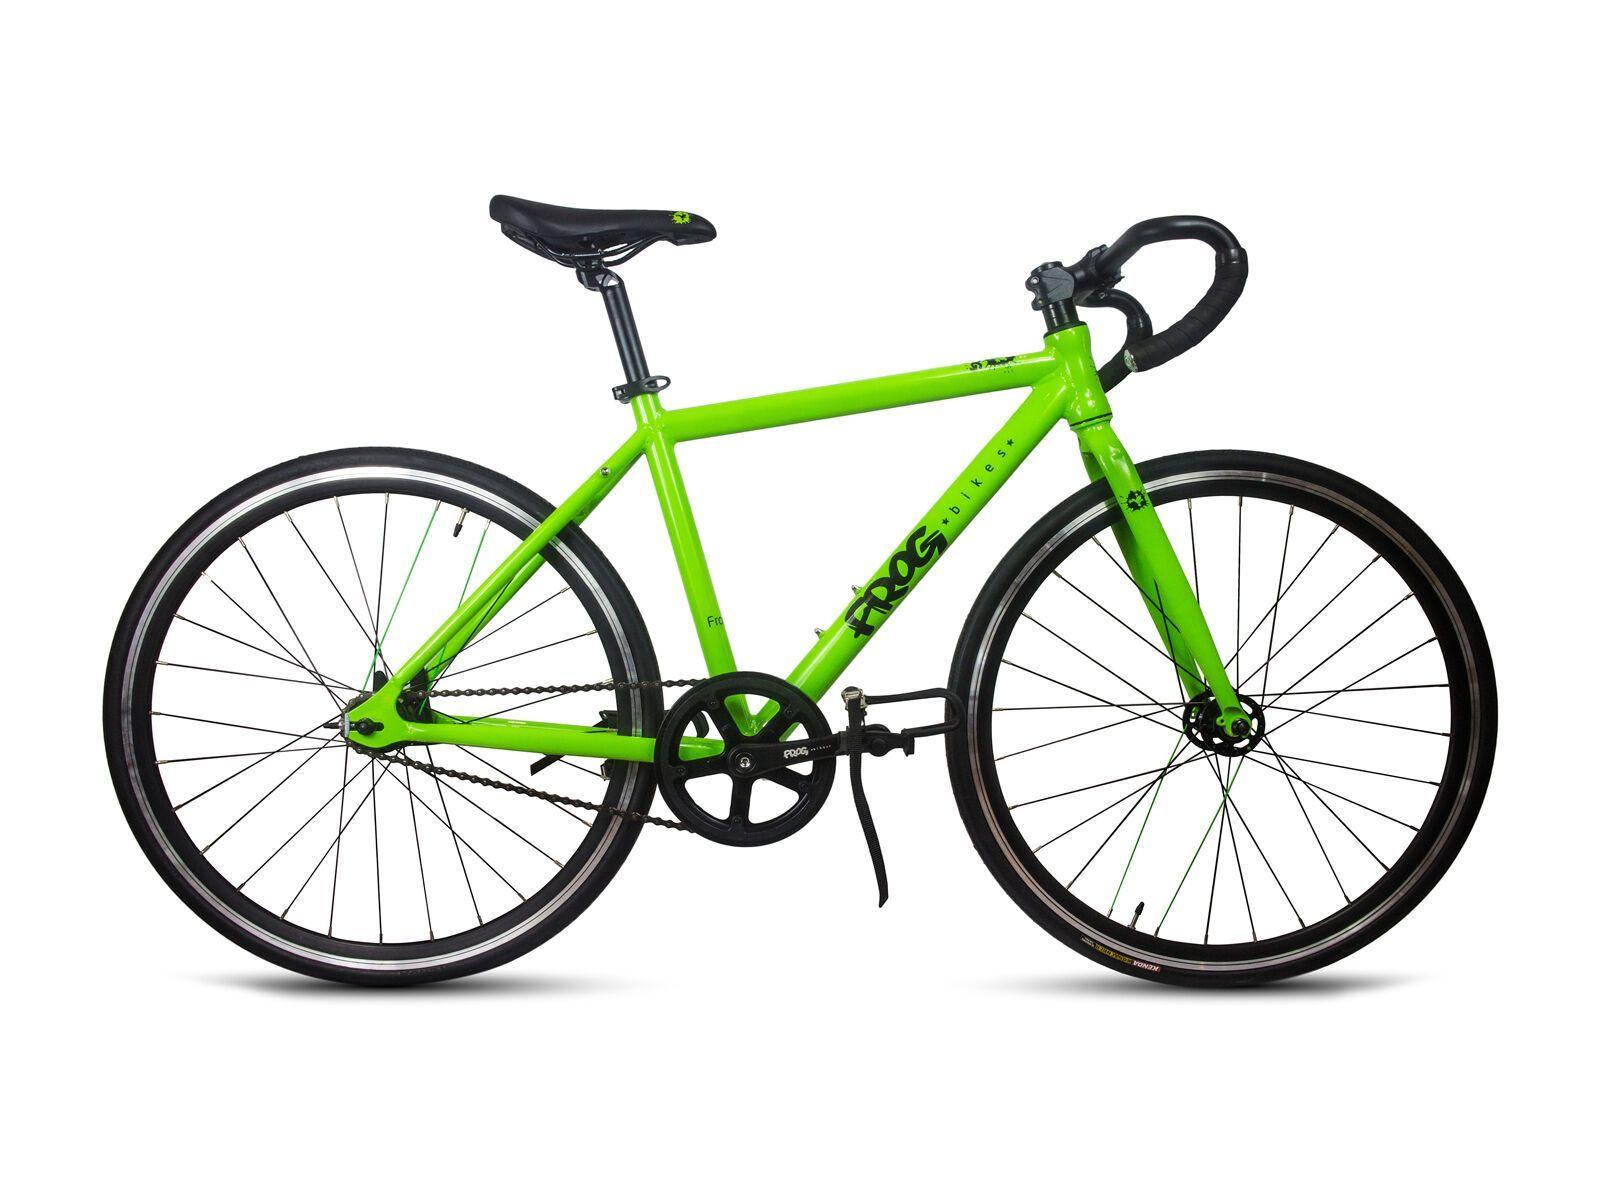 Frog Bikes Frog Track 70 2020, green - Kinderfahrrad, Größe 43.2 cm FRTR70GREN